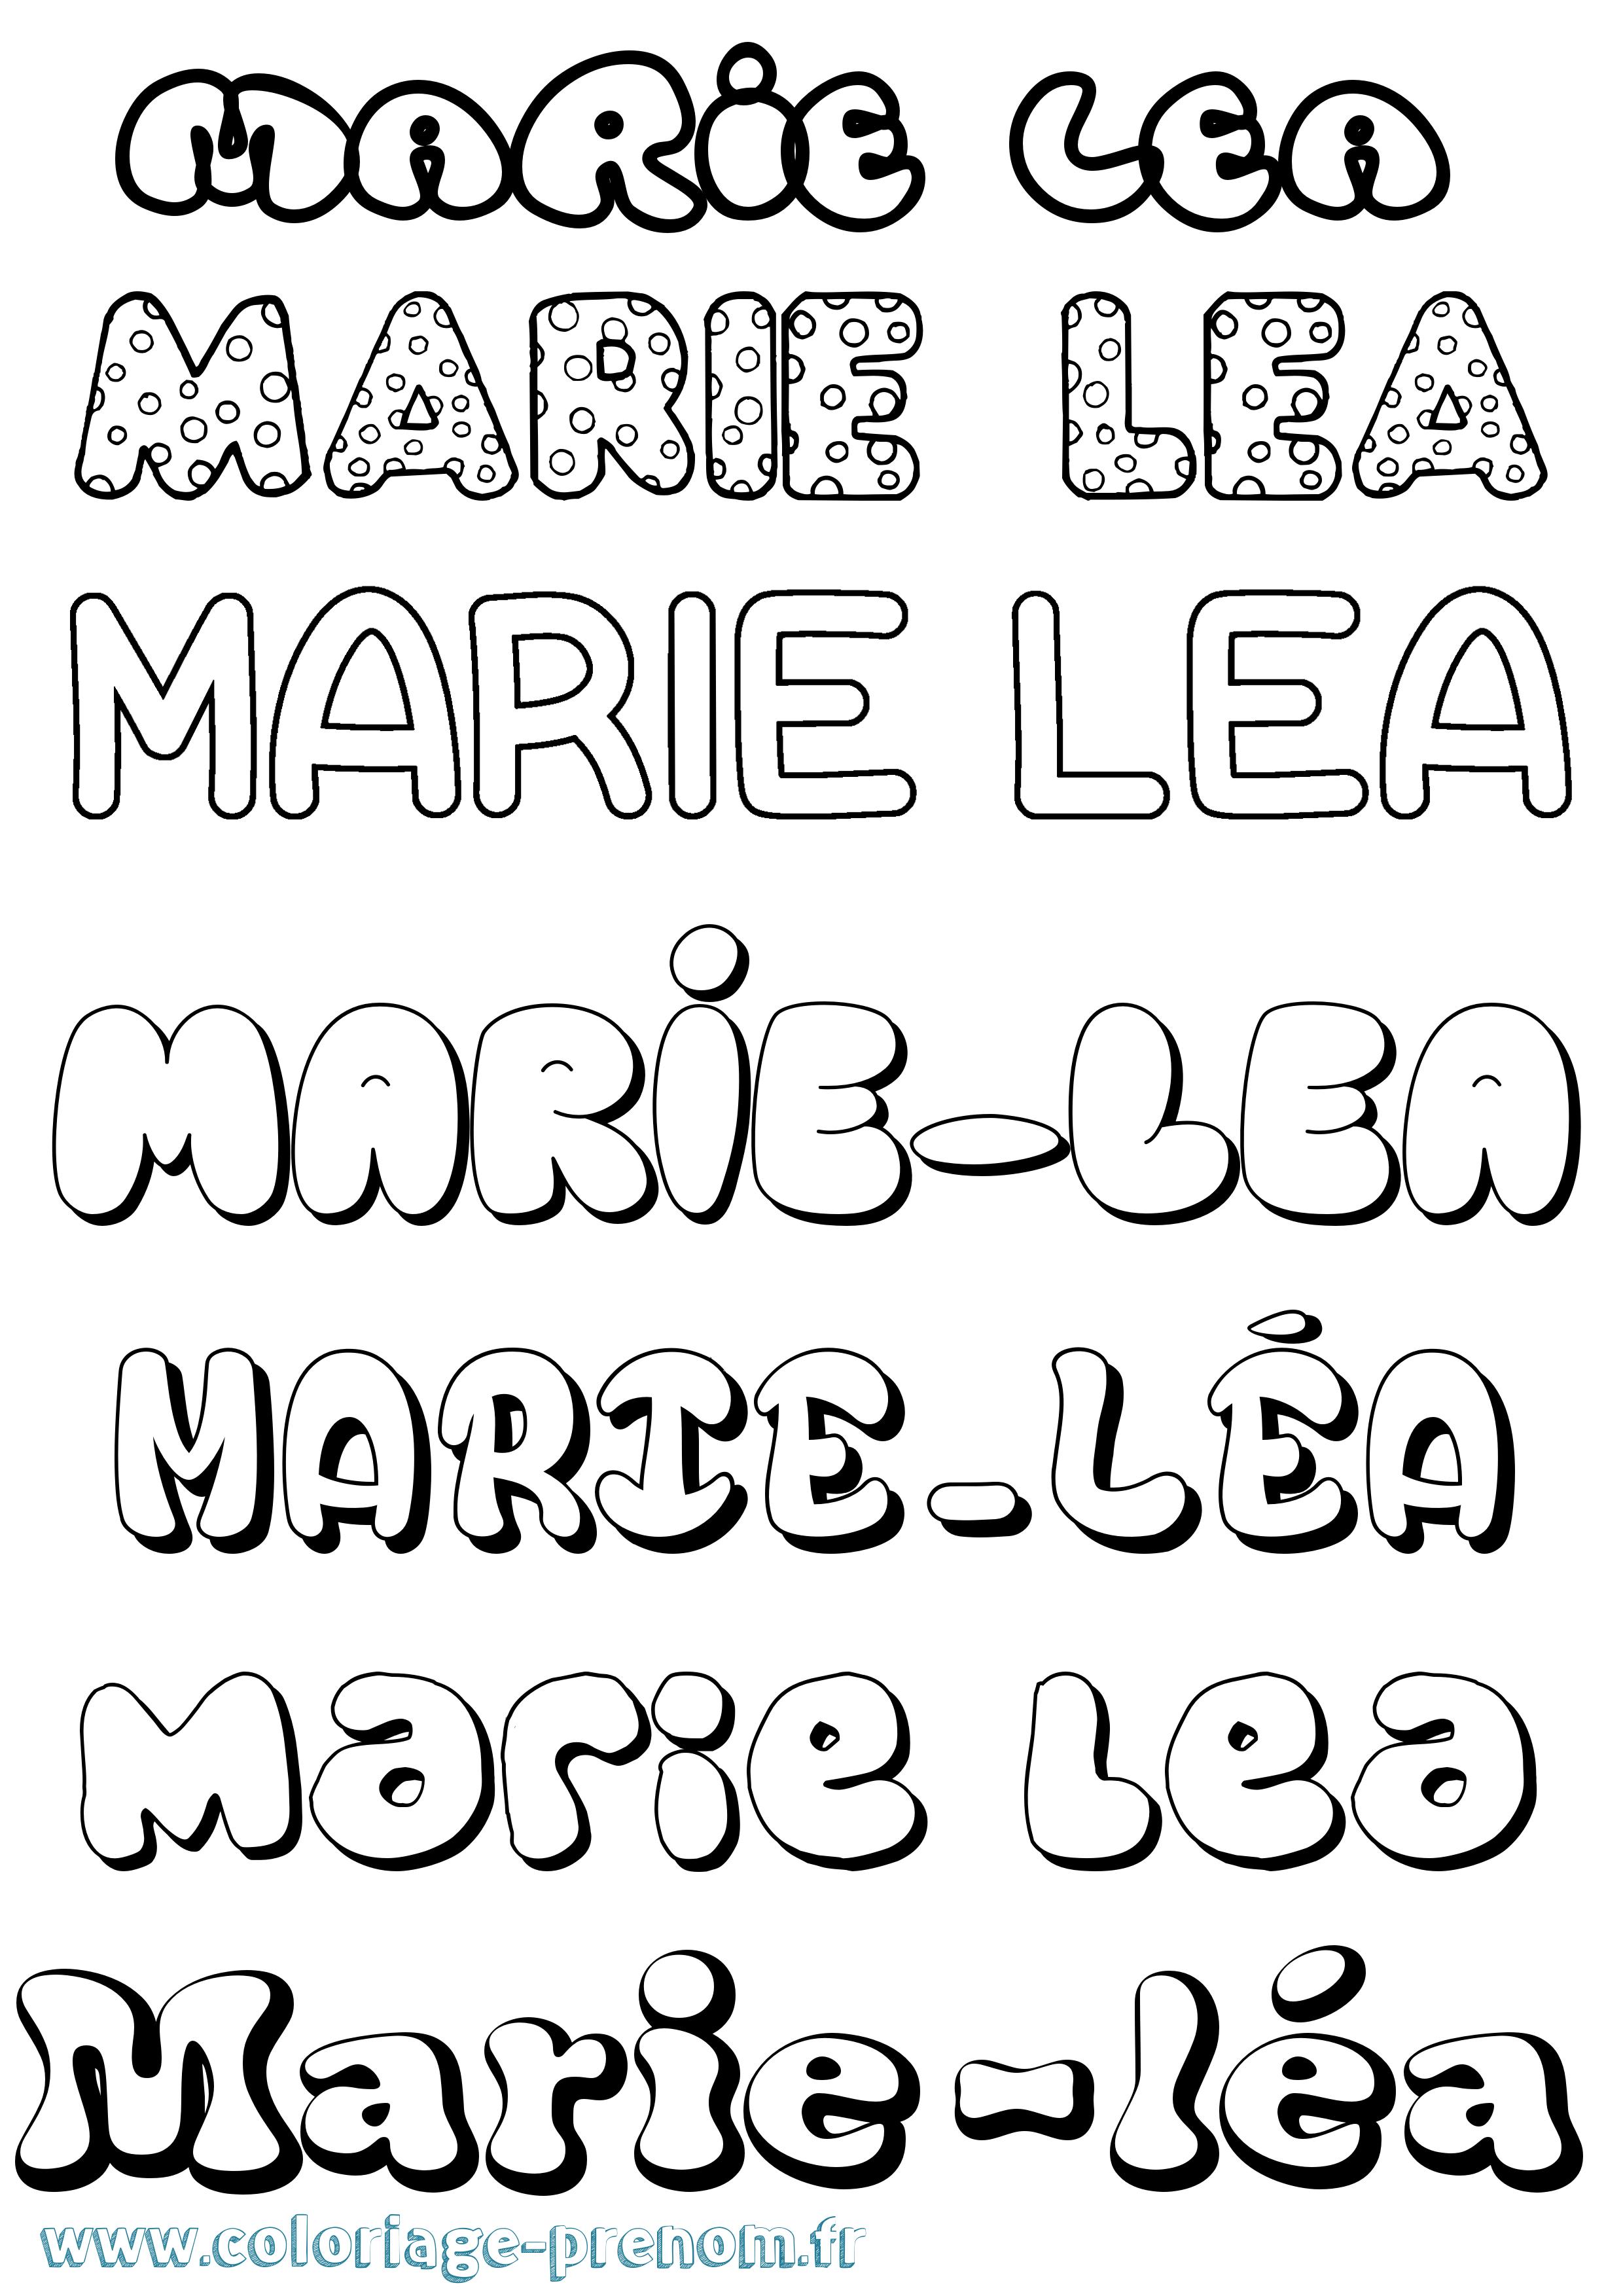 Coloriage du prénom Marie-léa : à Imprimer ou Télécharger ...